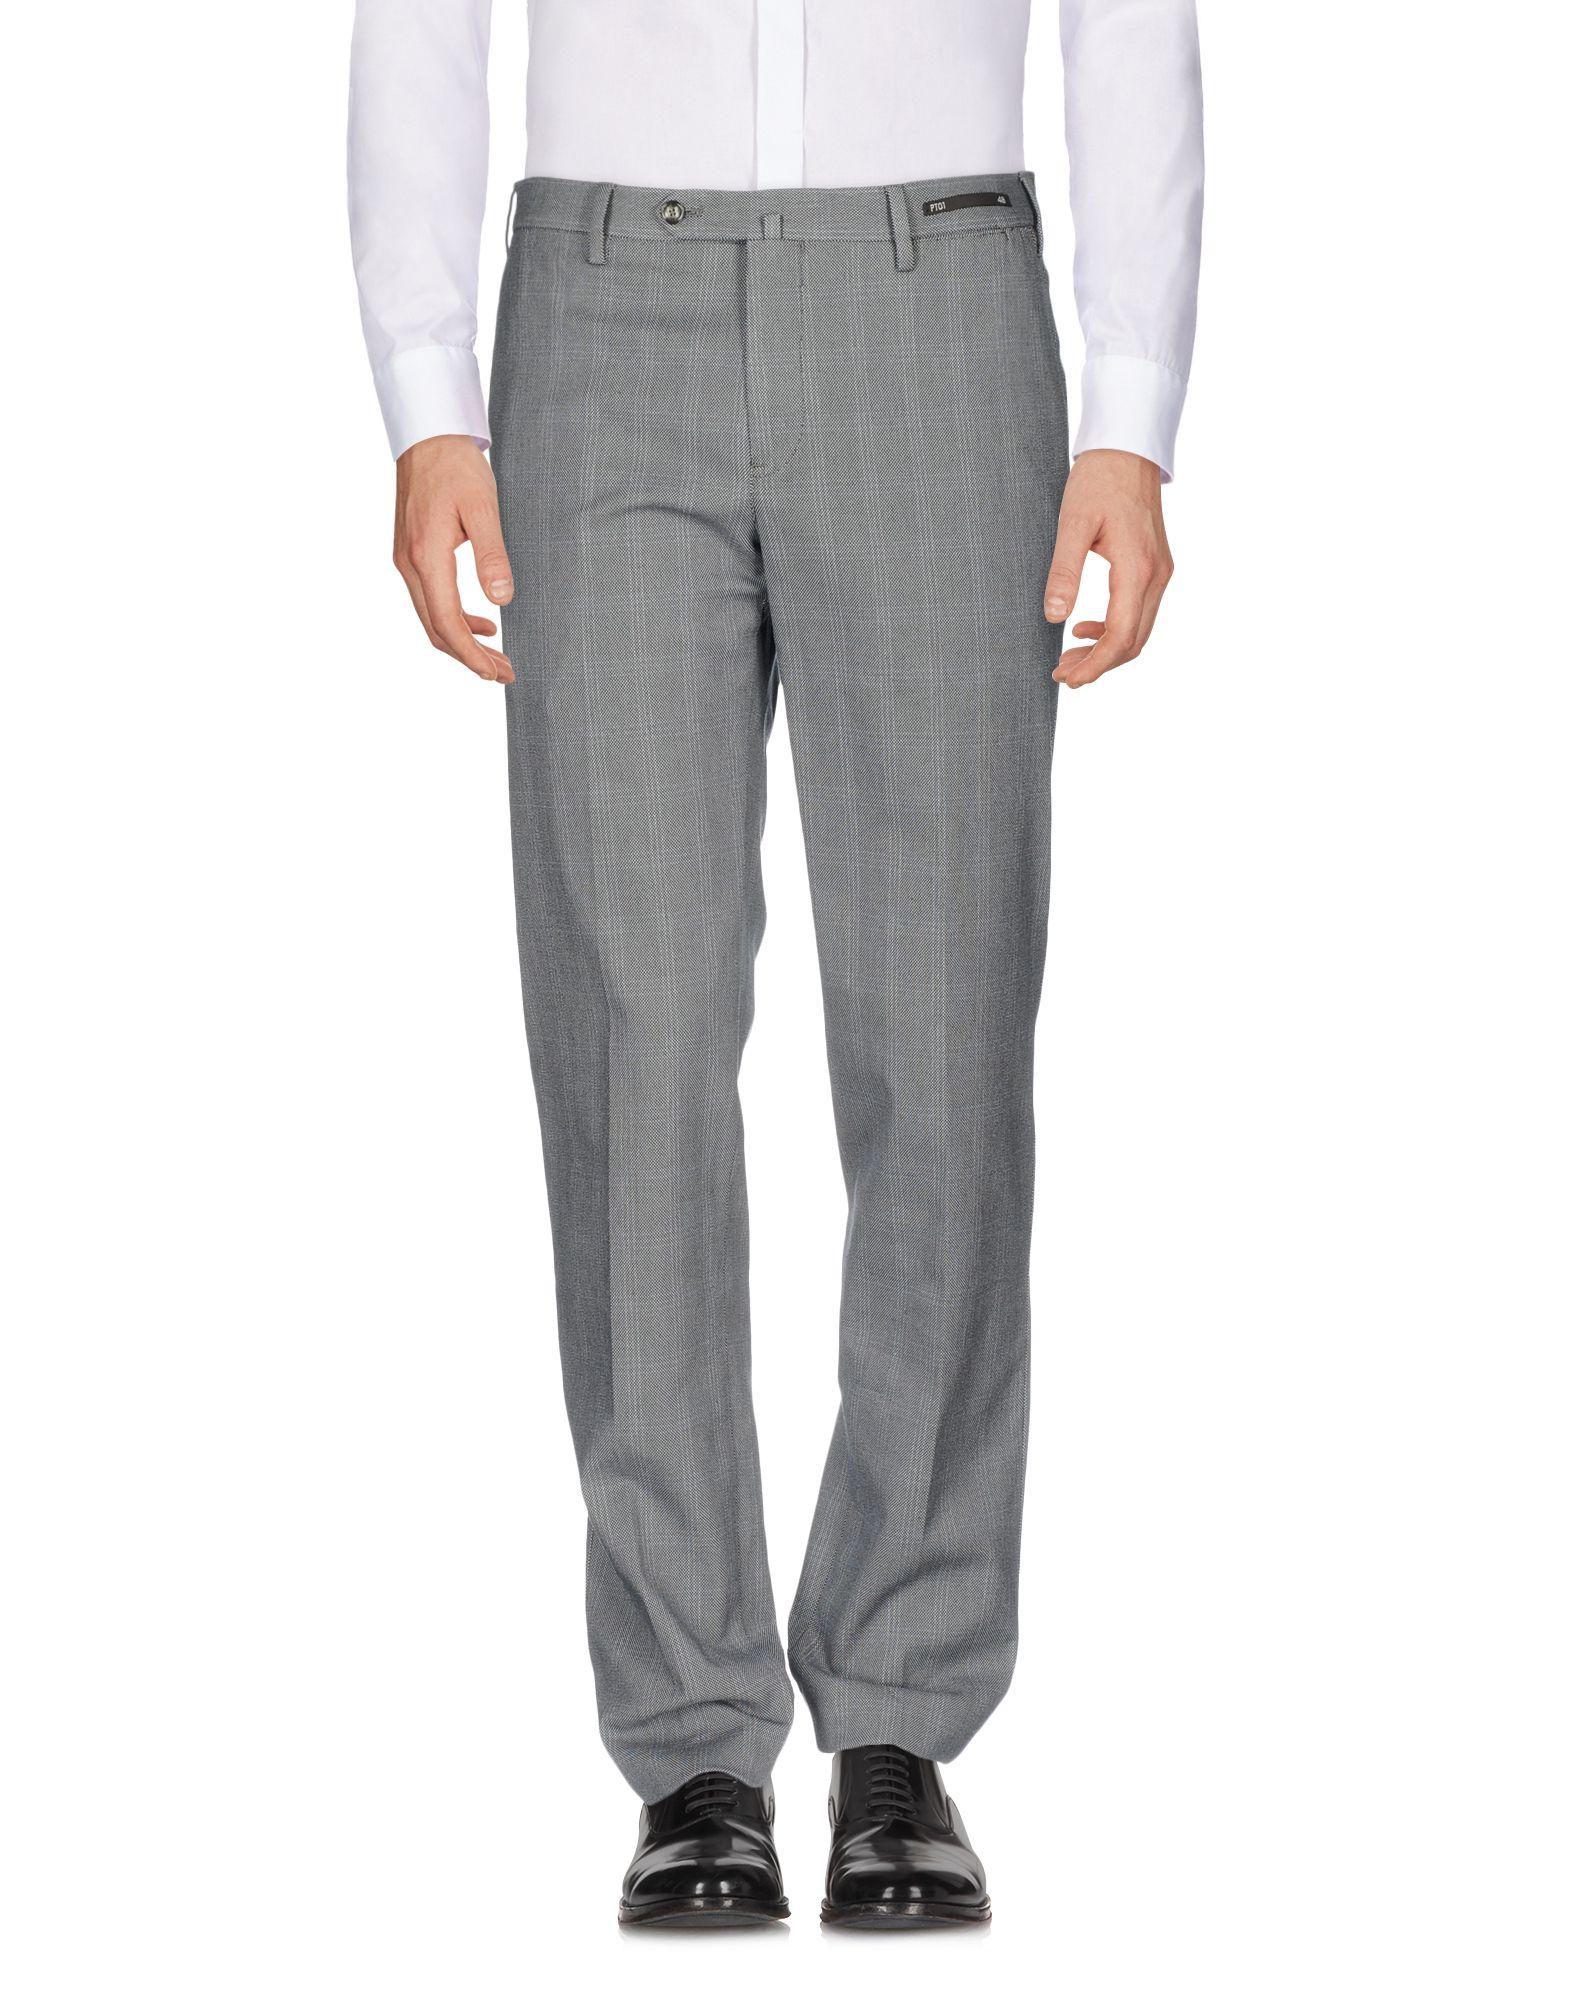 Pantalone online Pt01 Acquista su Uomo aHaUZxwqP